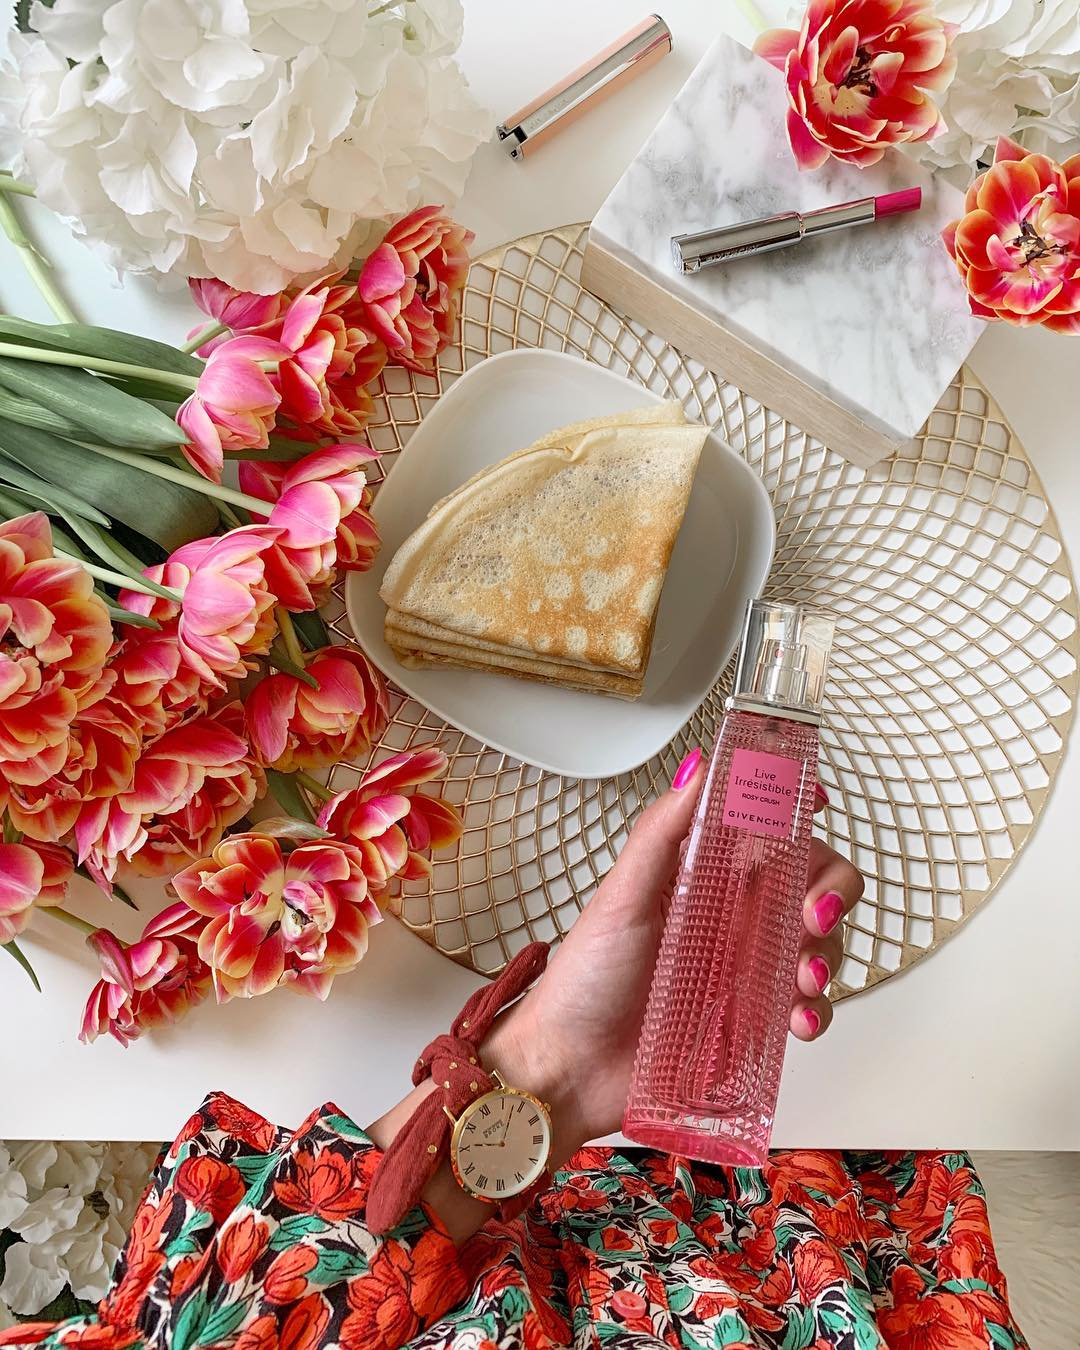 robe rouge a fleurs de Les Bourgeoises sur _yas_dak